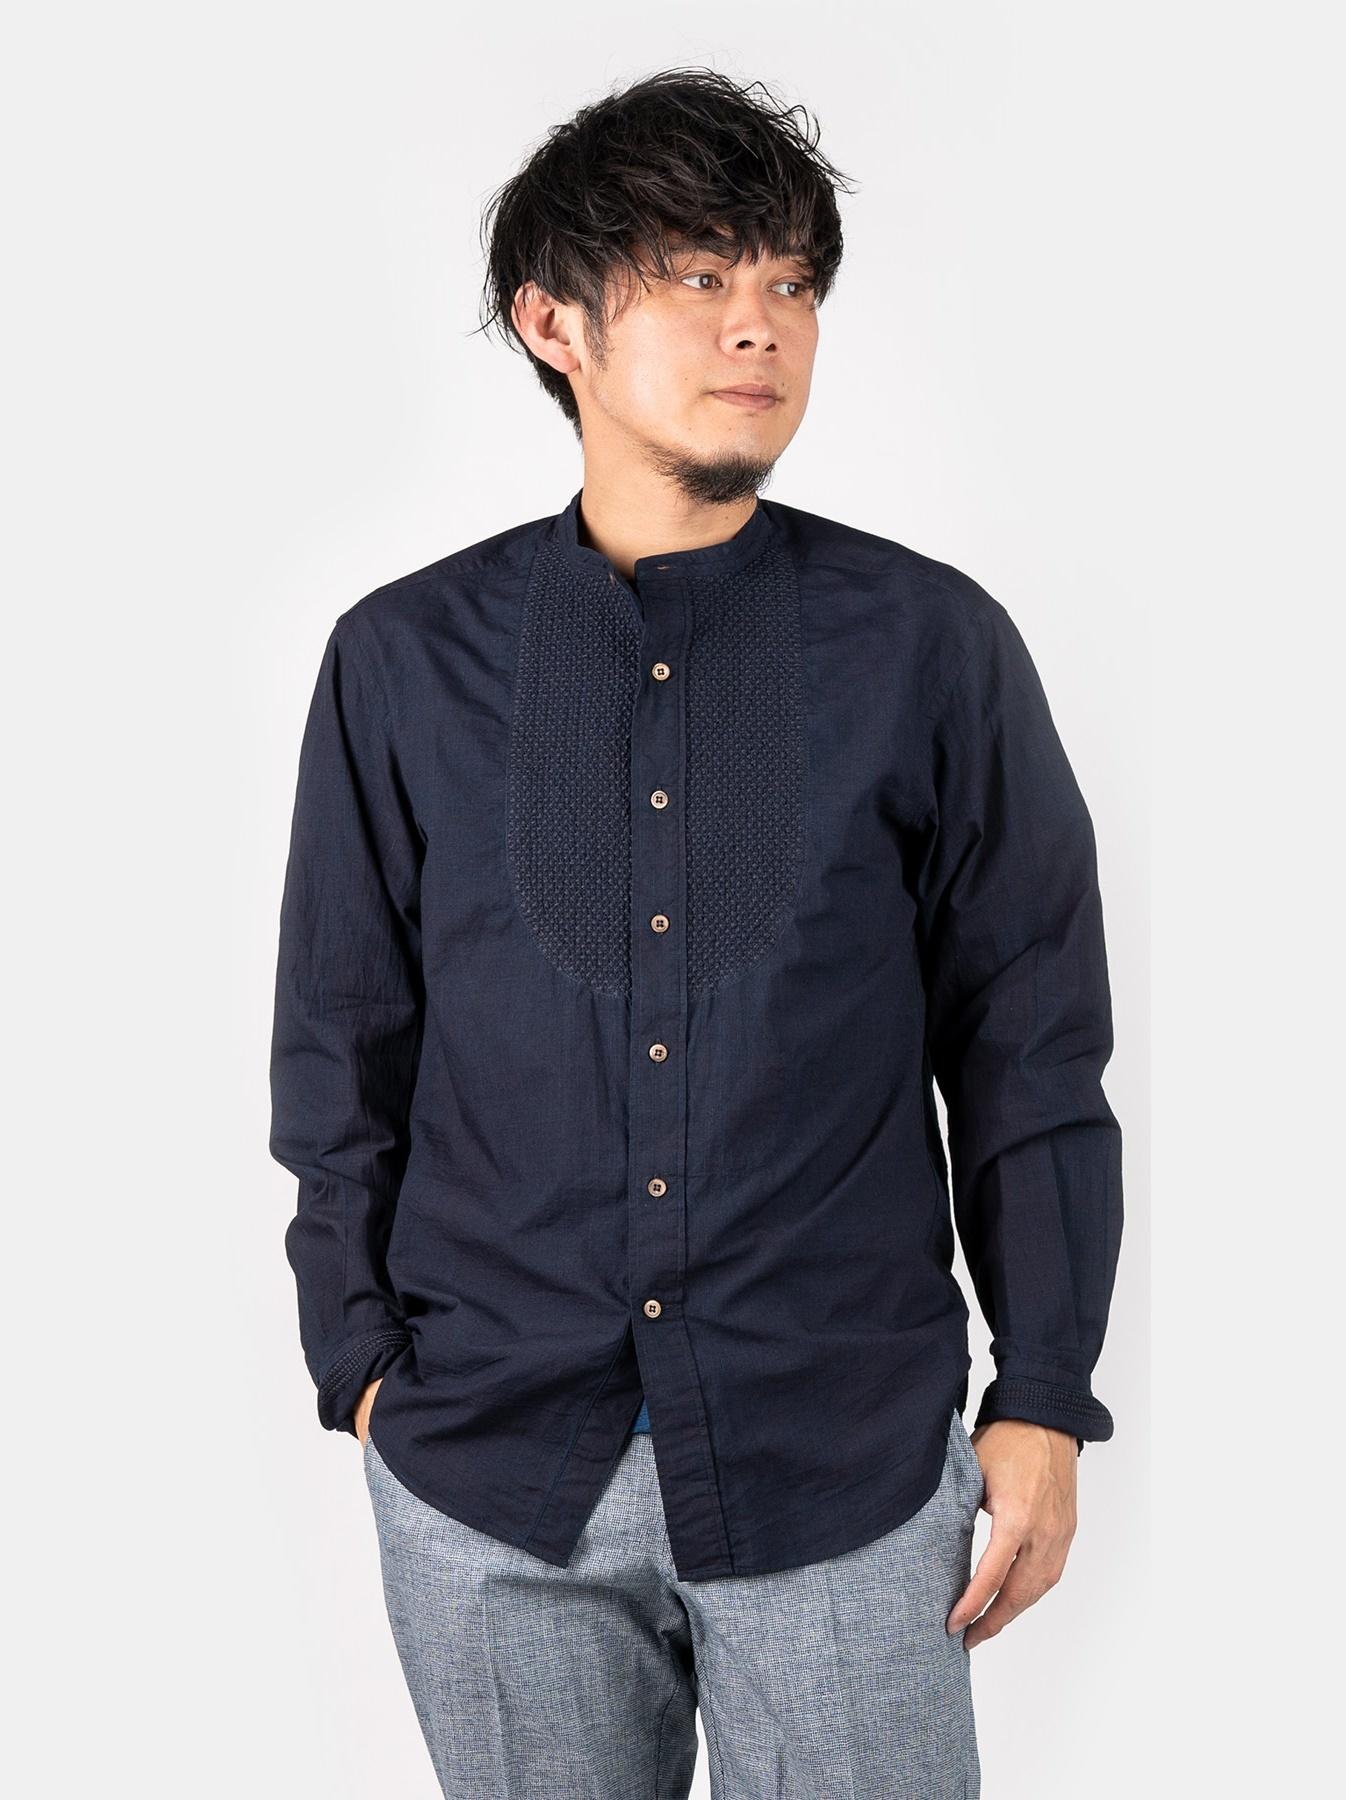 WH Indigo Sheet Cloth Sashiko Shirt-4